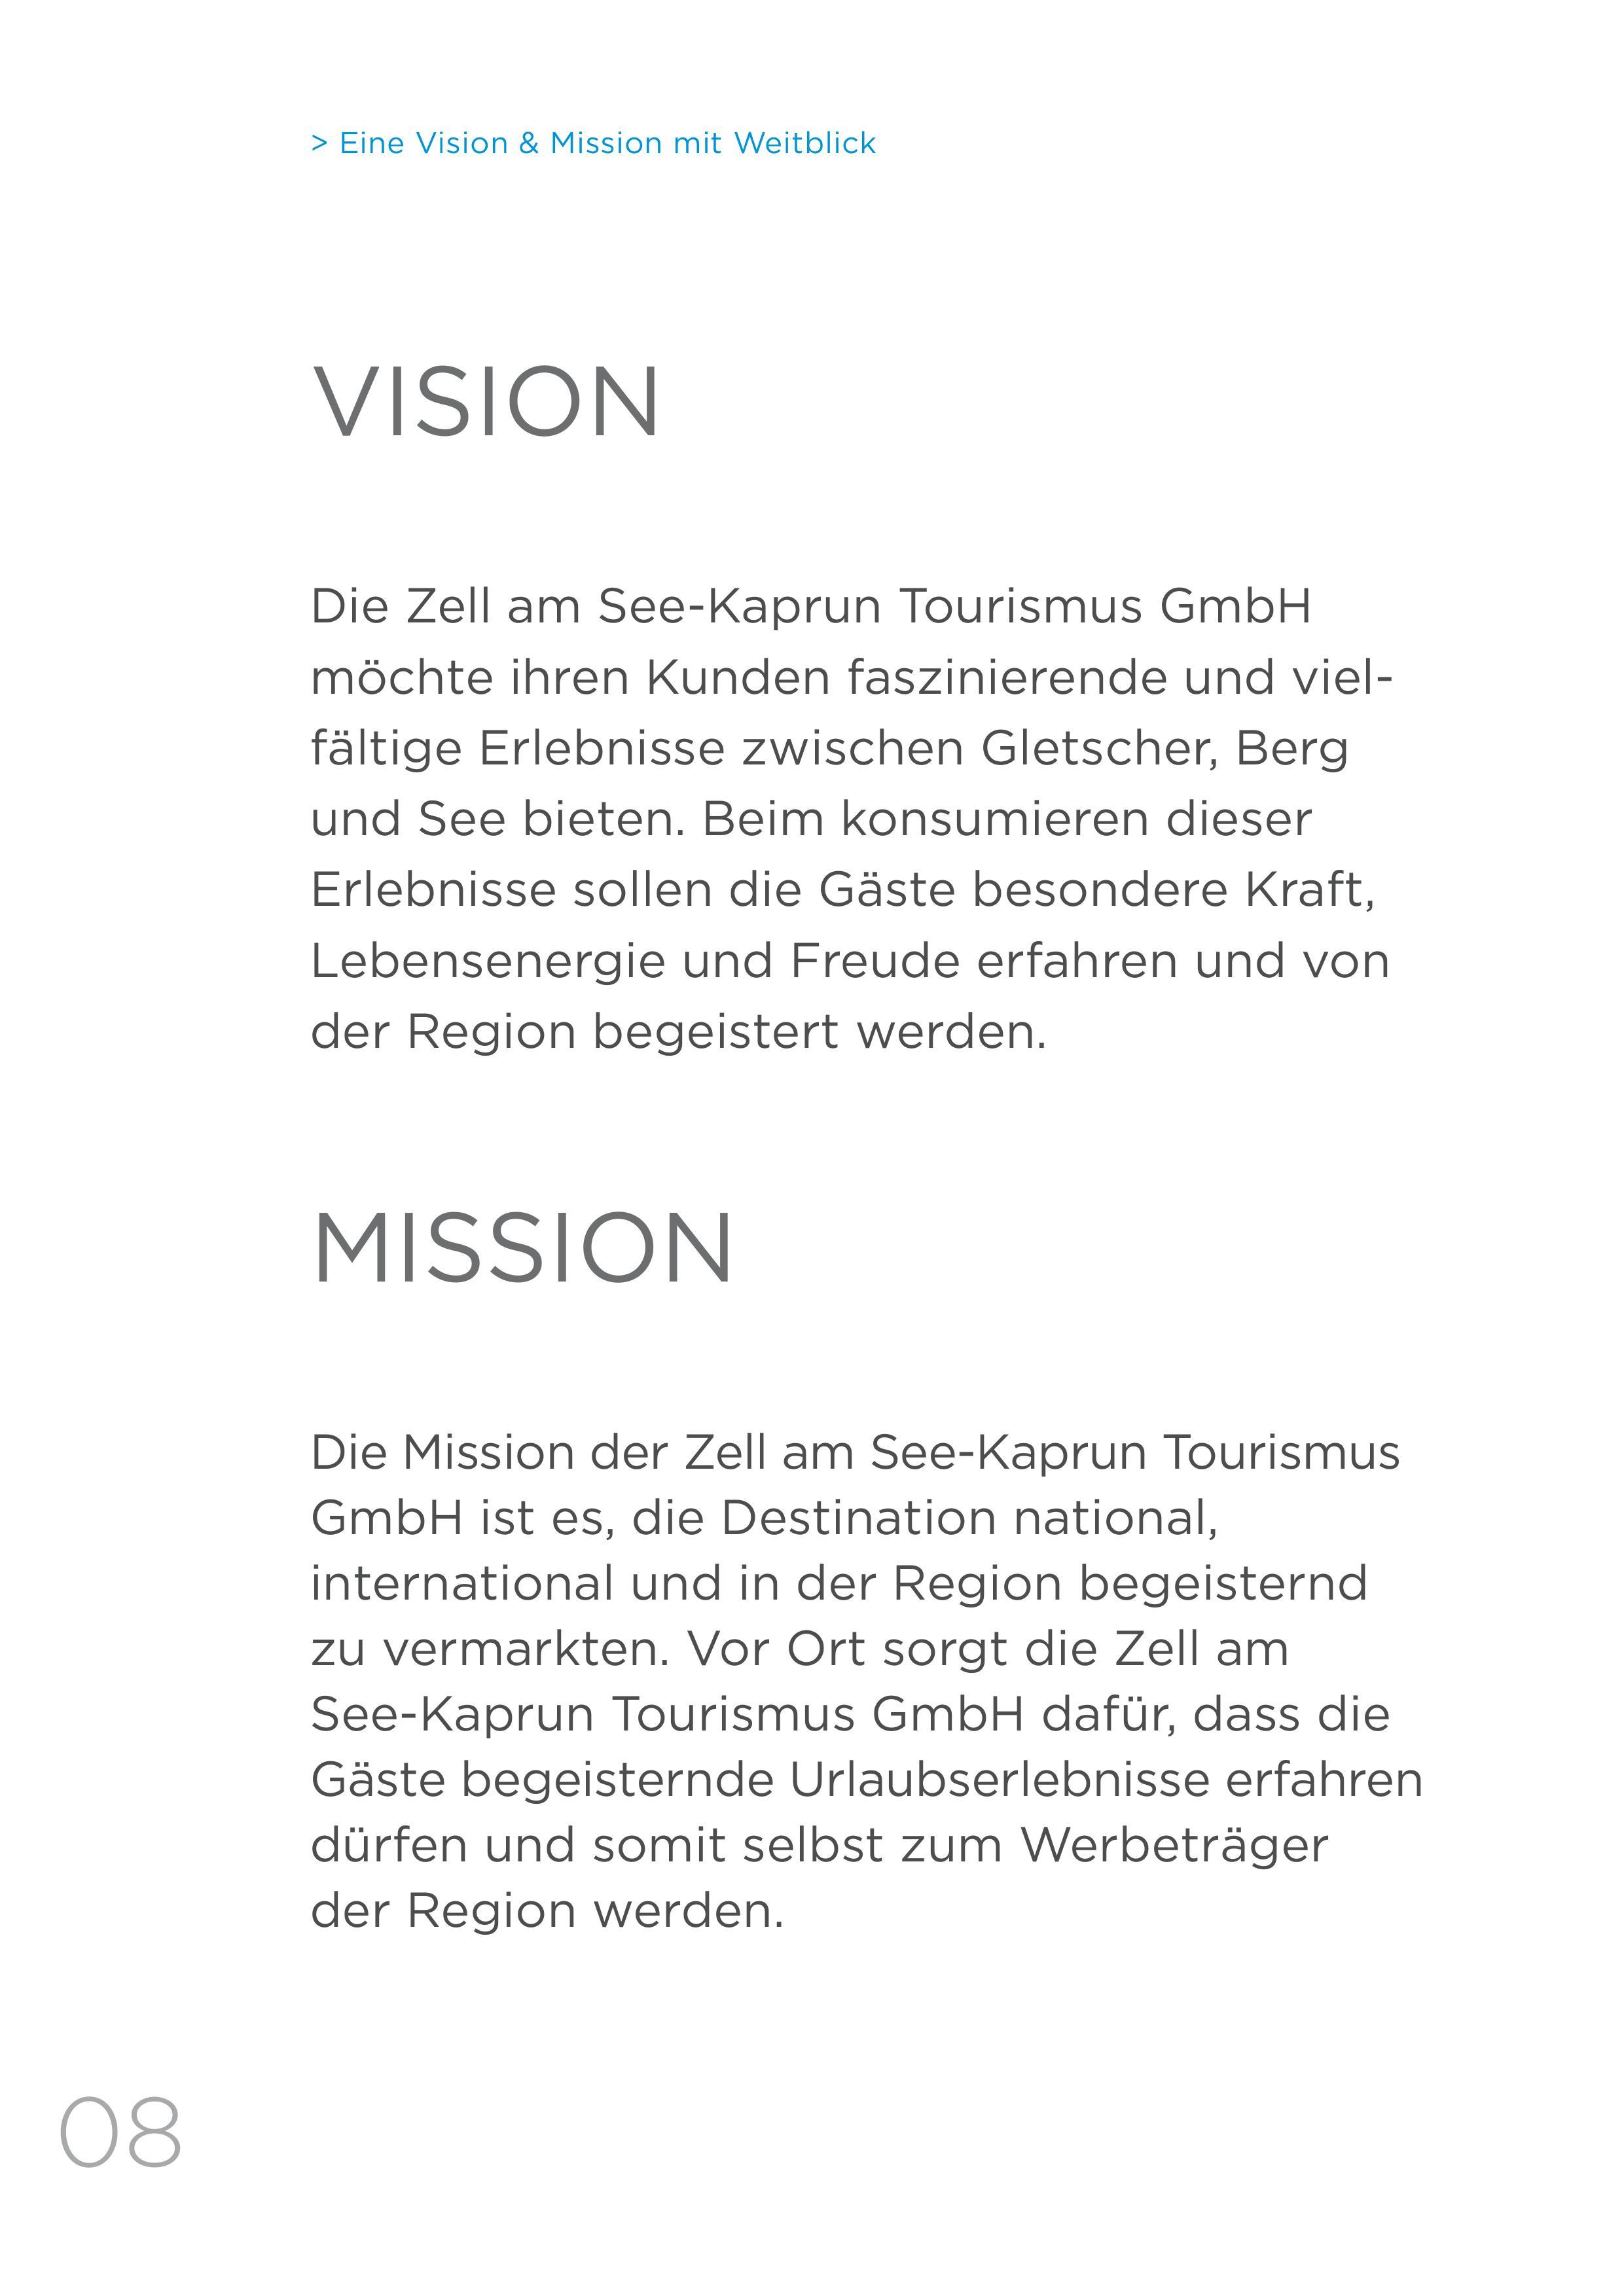 Tourismusverband Zell am See - Kaprun